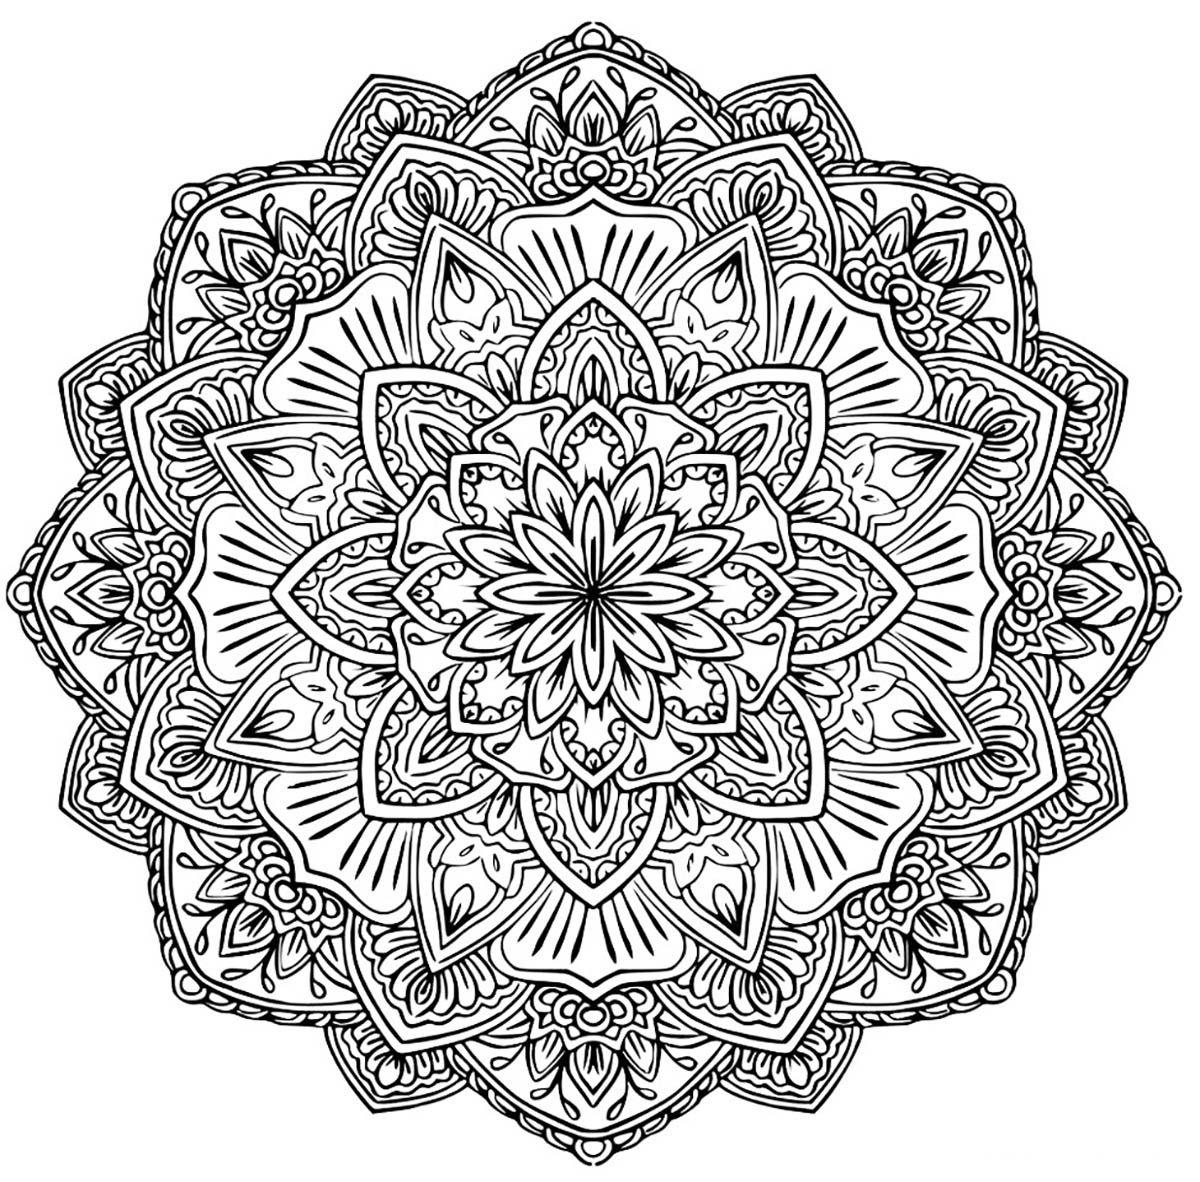 Mandala A Telecharger 1A Partir De La Galerie : Mandalas pour Coloriage Mandala Adulte A Imprimer